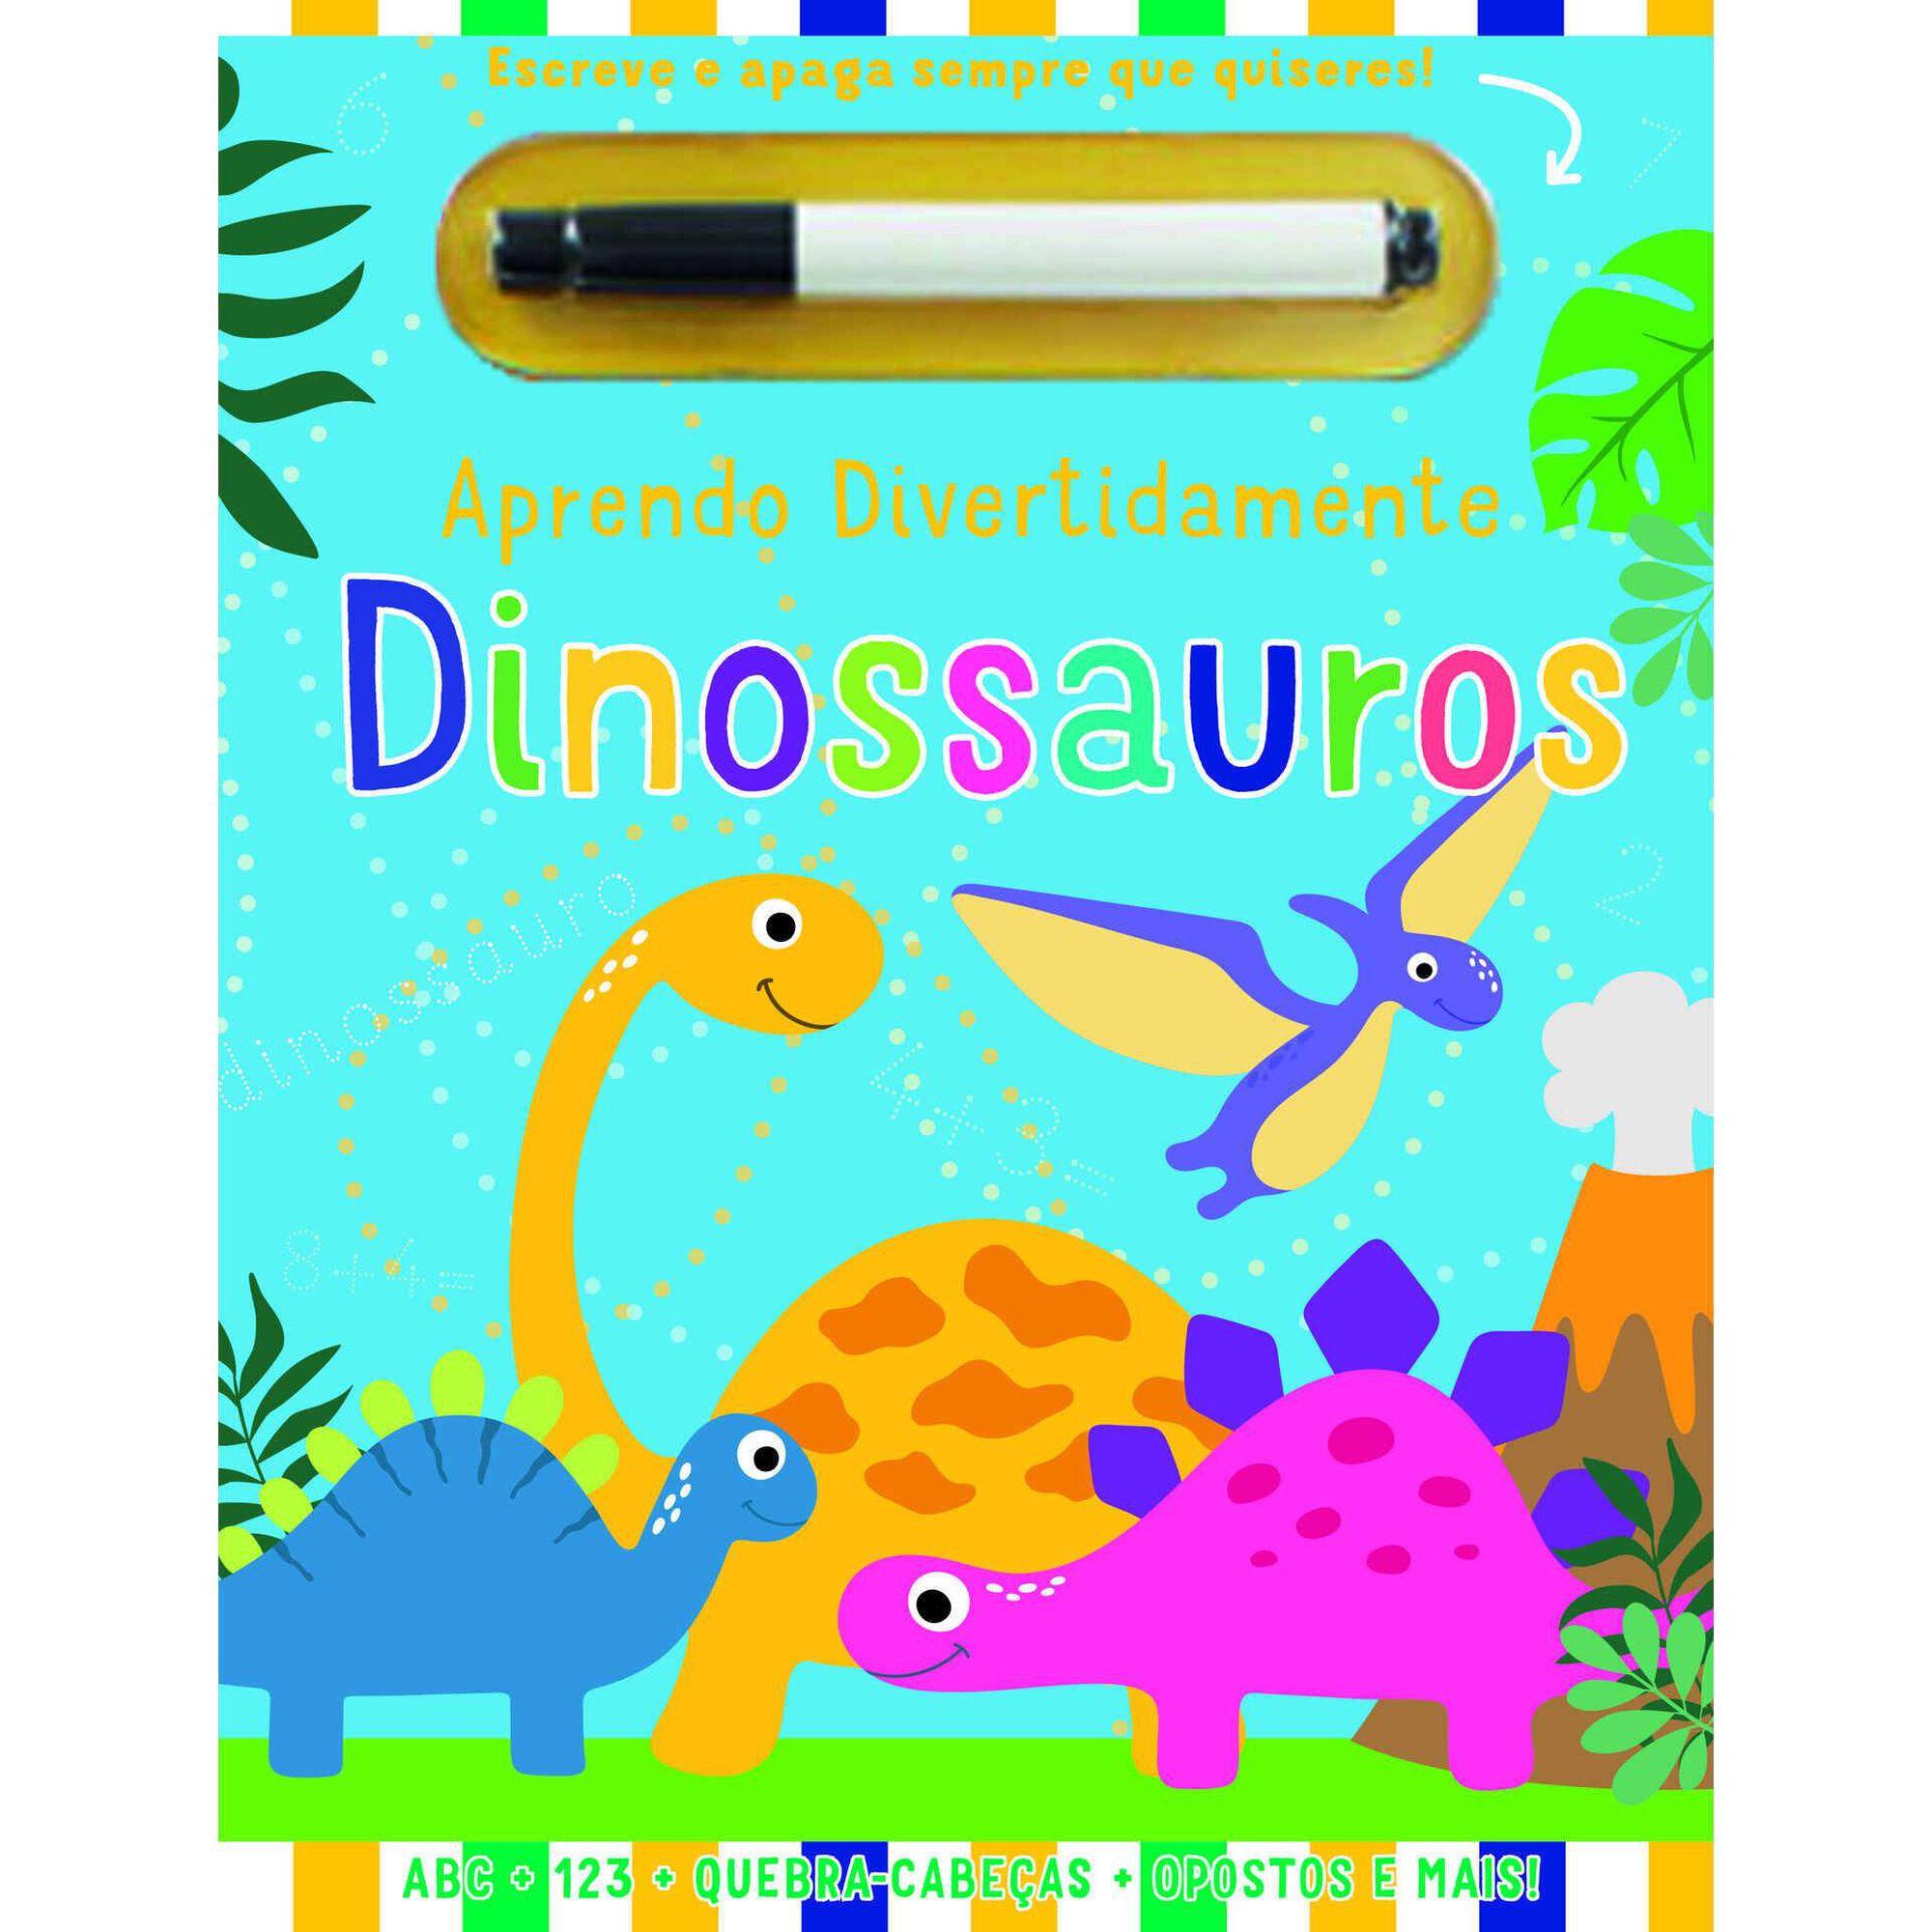 Aprendo Divertidamente - Dinossauros